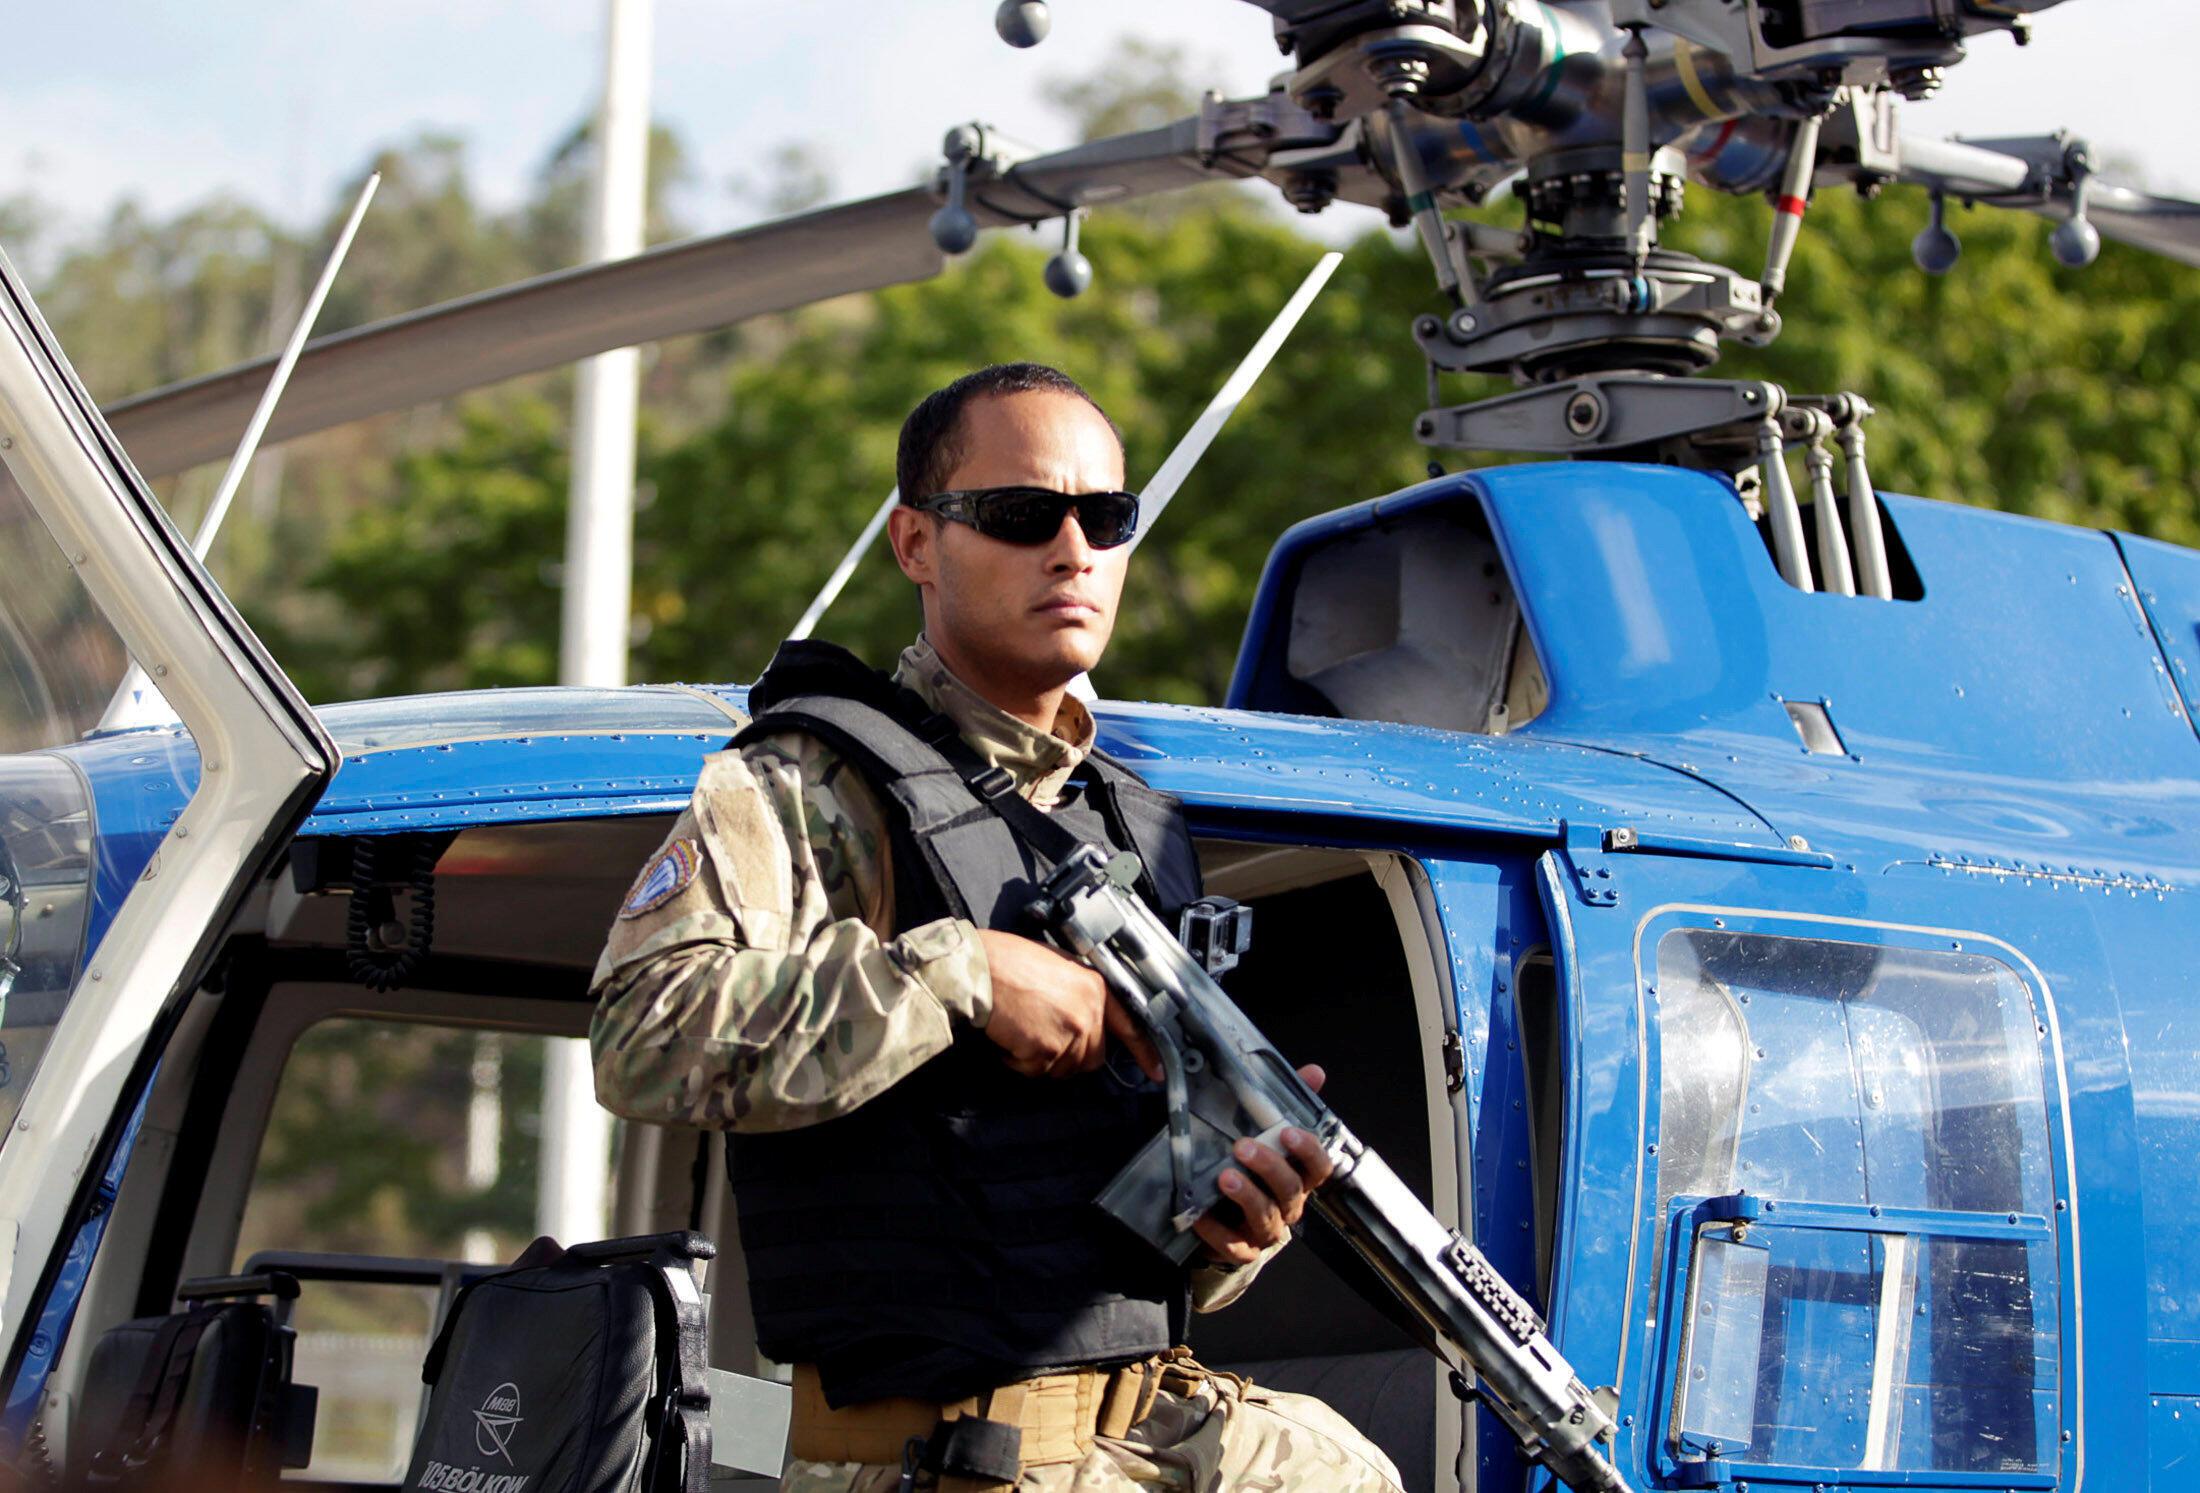 Viên sĩ quan cảnh sát Venezuela, Oscar Perez, người lái trực thăng tấn công Tòa Án Tối Cao. Ảnh chụp tại Caracas, ngày 01/03/2015.